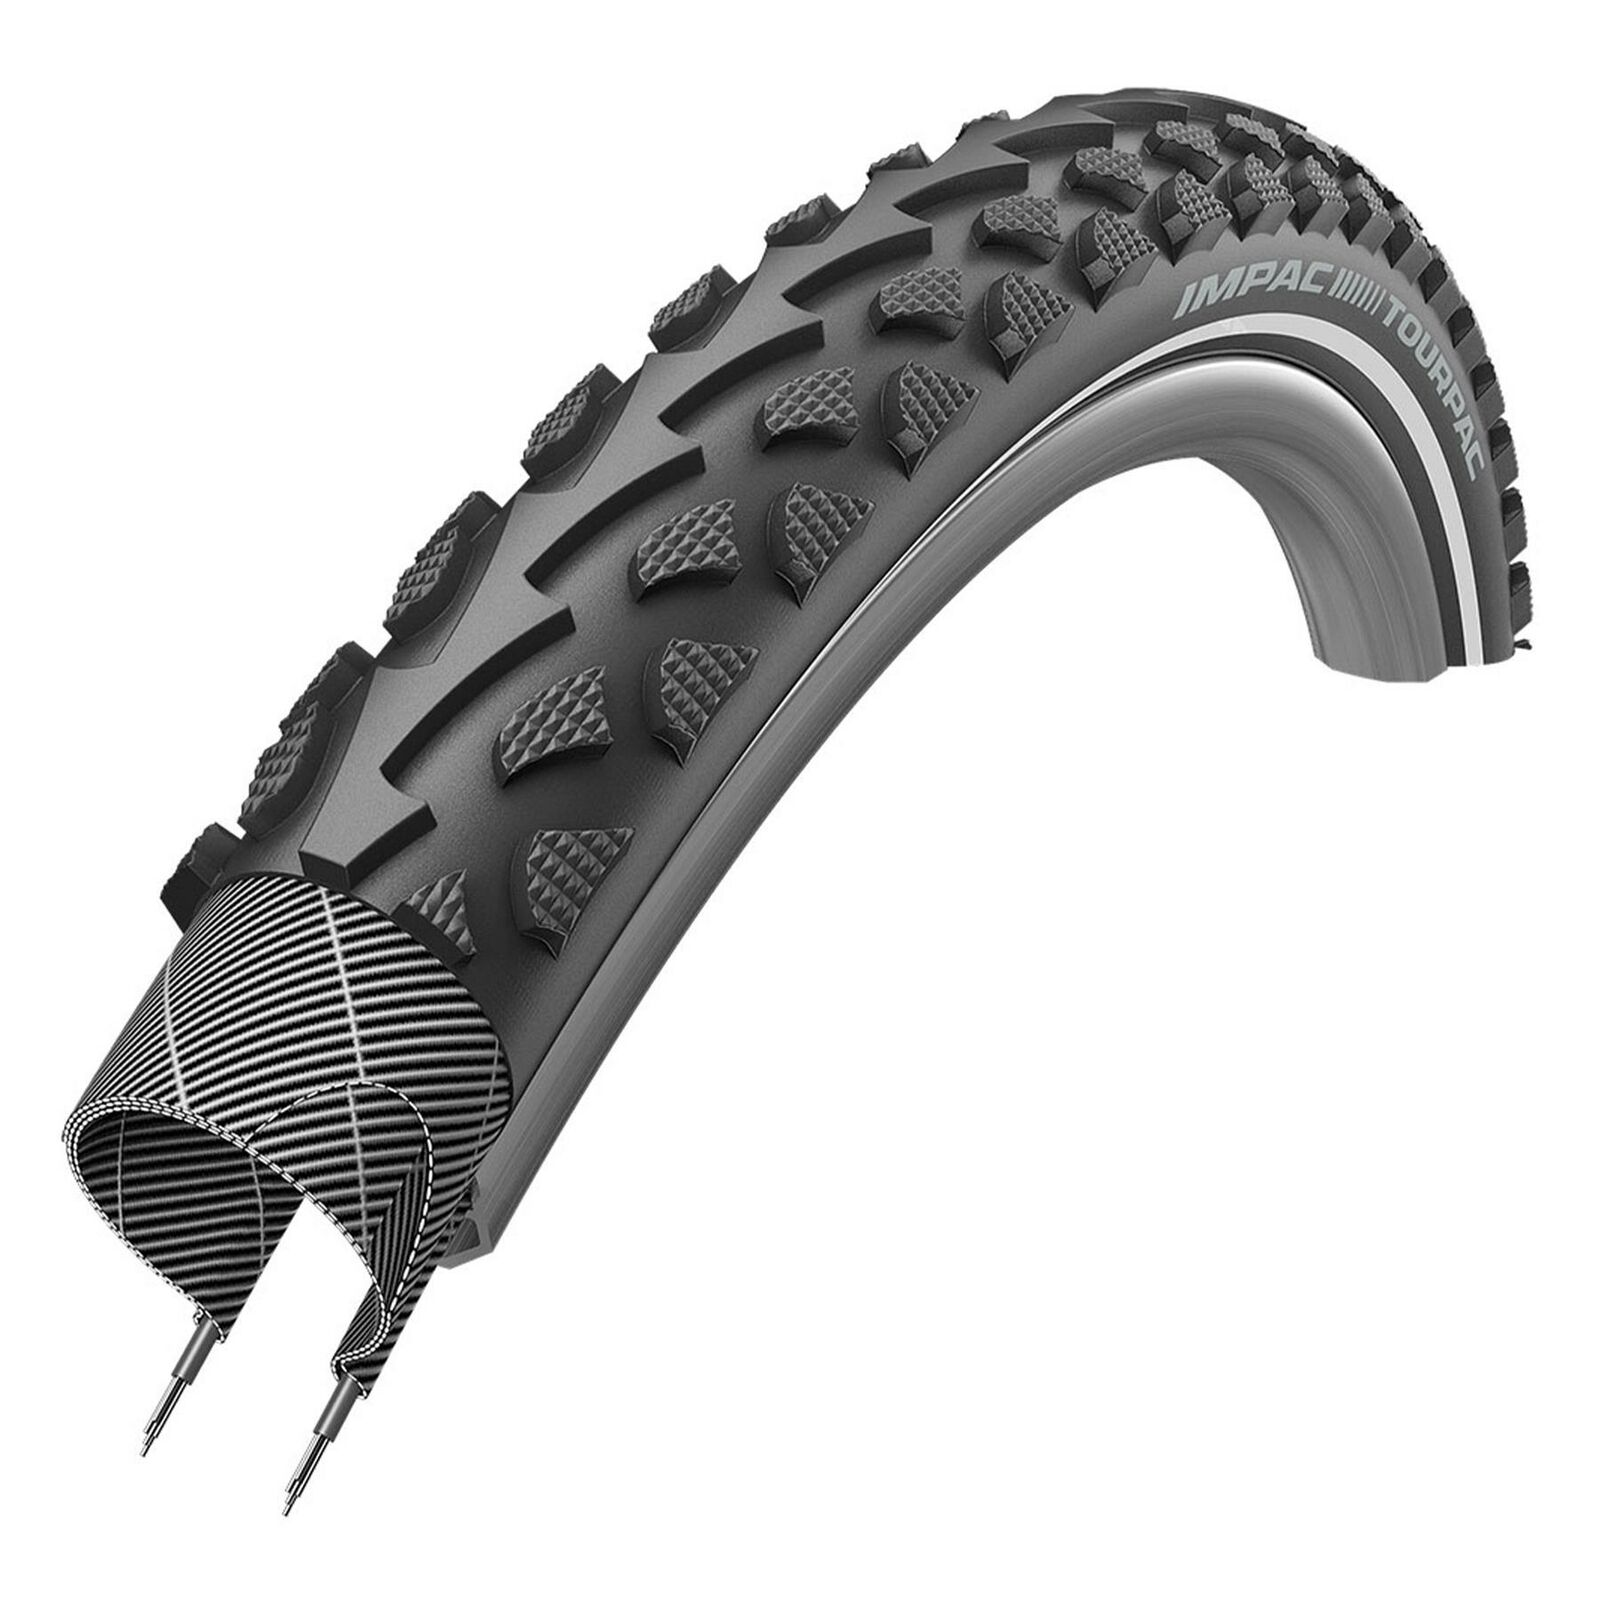 2 X Impac Outpac Bike Tyres 18 X 1.75